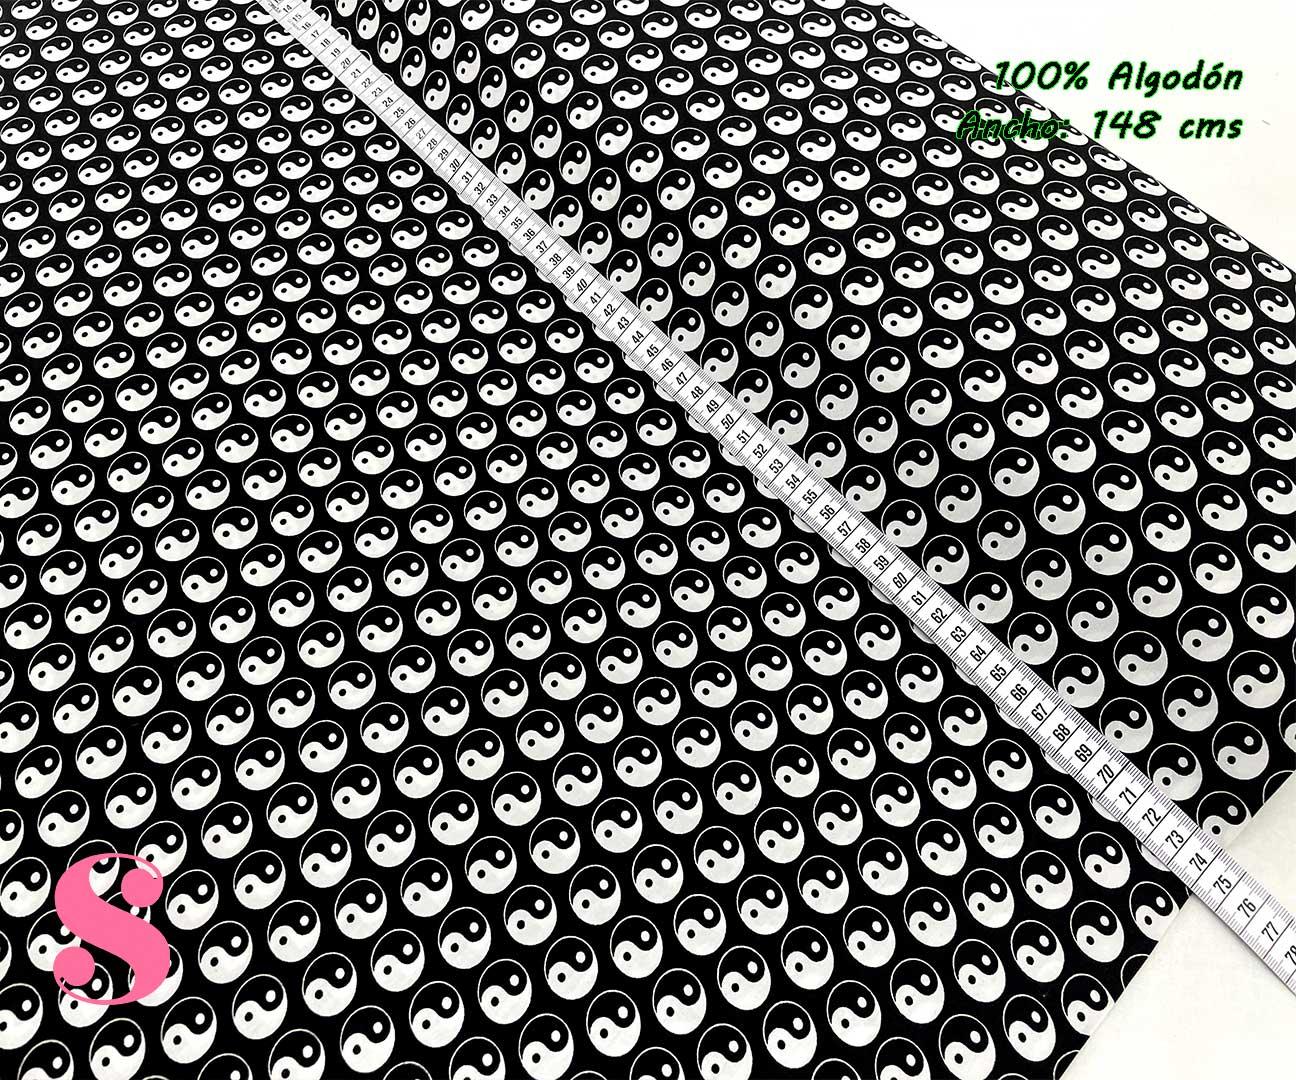 50-telas-de-algodón-100%,telas-de-moda,estampados-de-moda,telas-juveniles,estampados-juveniles,Tejido Estampado Yin & Yang